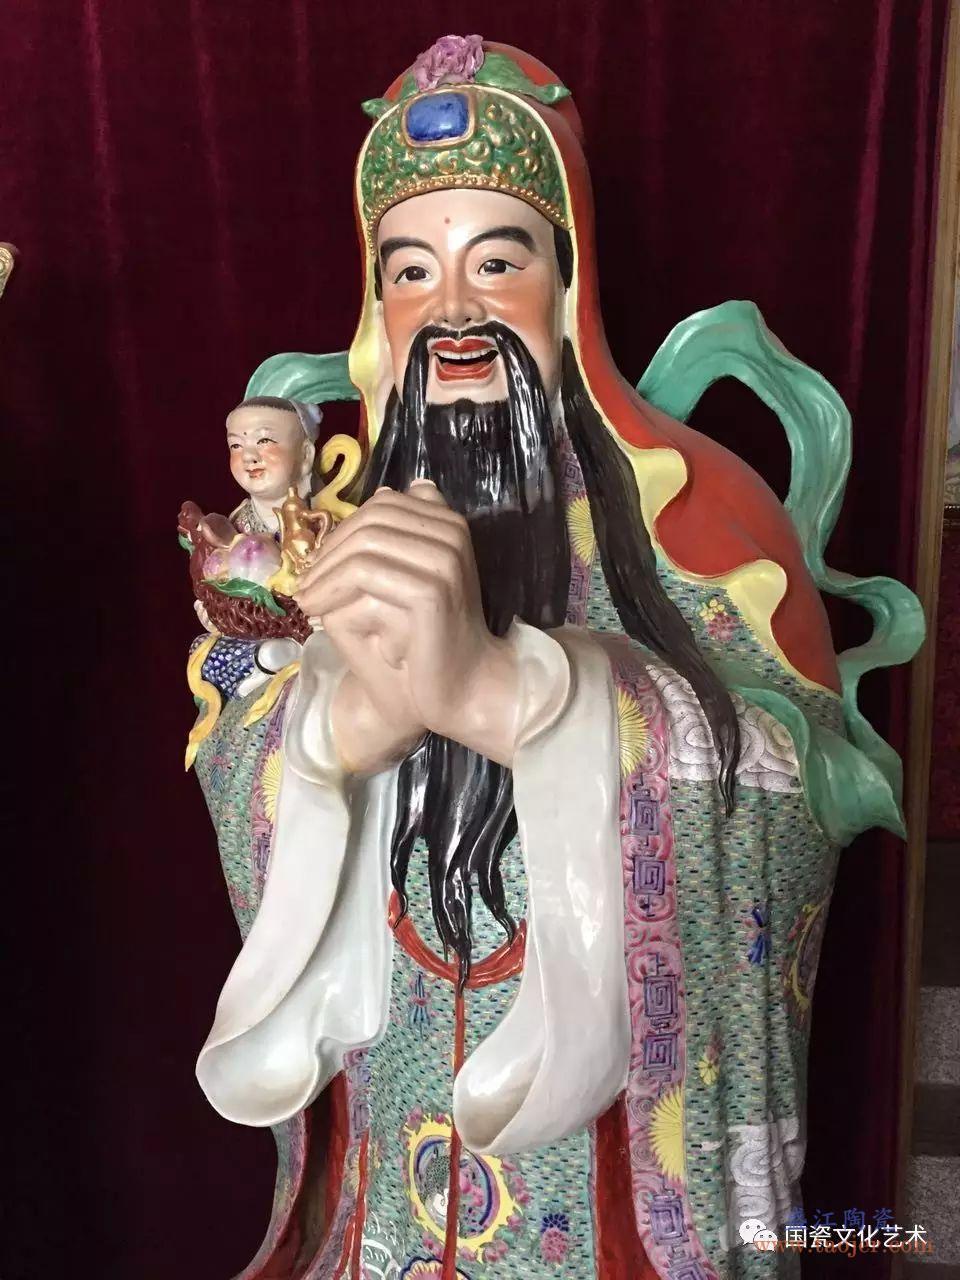 国瓷文化艺术· 已故聋哑陶瓷美术家曾山东雕塑瓷欣赏